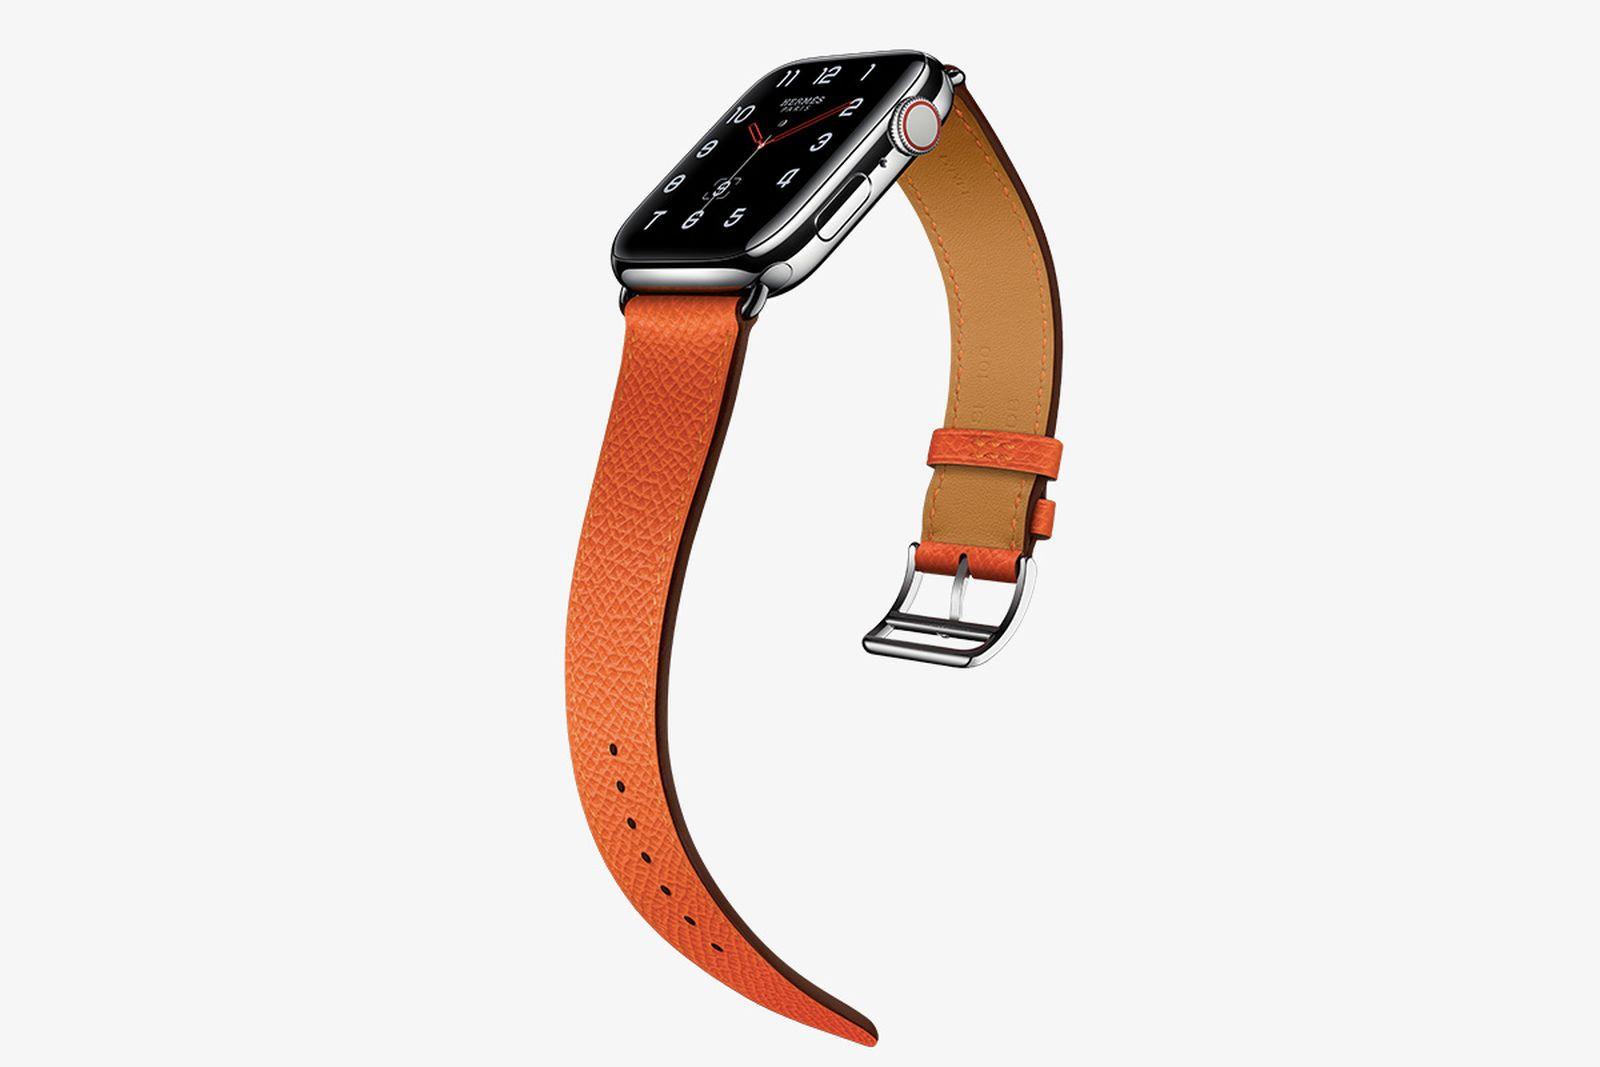 hermes apple watch series 4 closer look